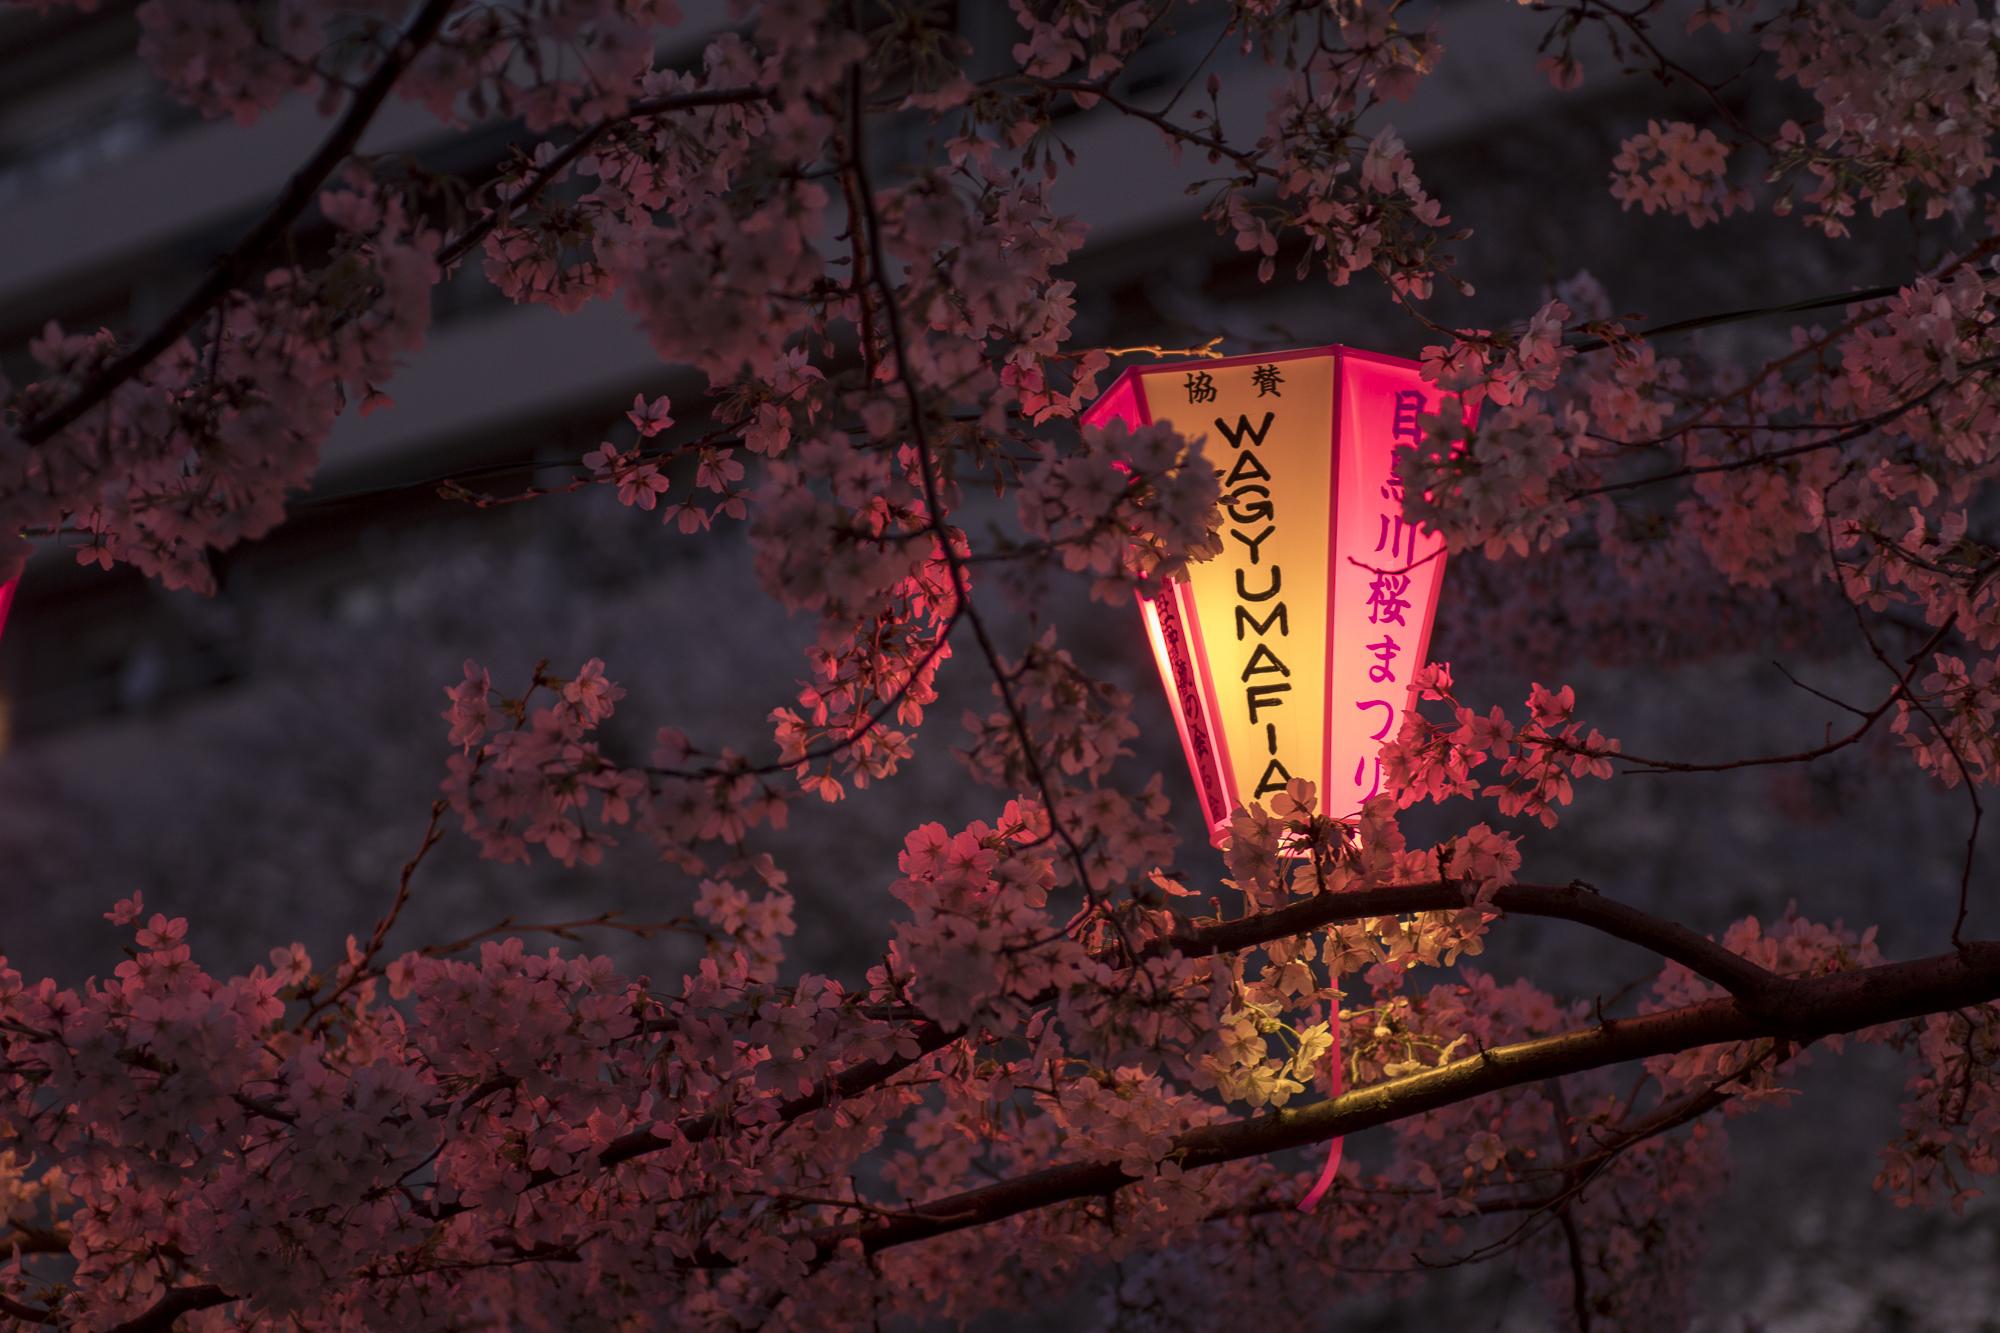 Naka-meguro, Tokyo  PHOTOGRAPHY: Alexander J.E. Bradley • NIKON D500 • AF-S NIKKOR 24-70MM ƒ/2.8G ED @ 70MM • ƒ/2.8 • 1/60 • ISO 400